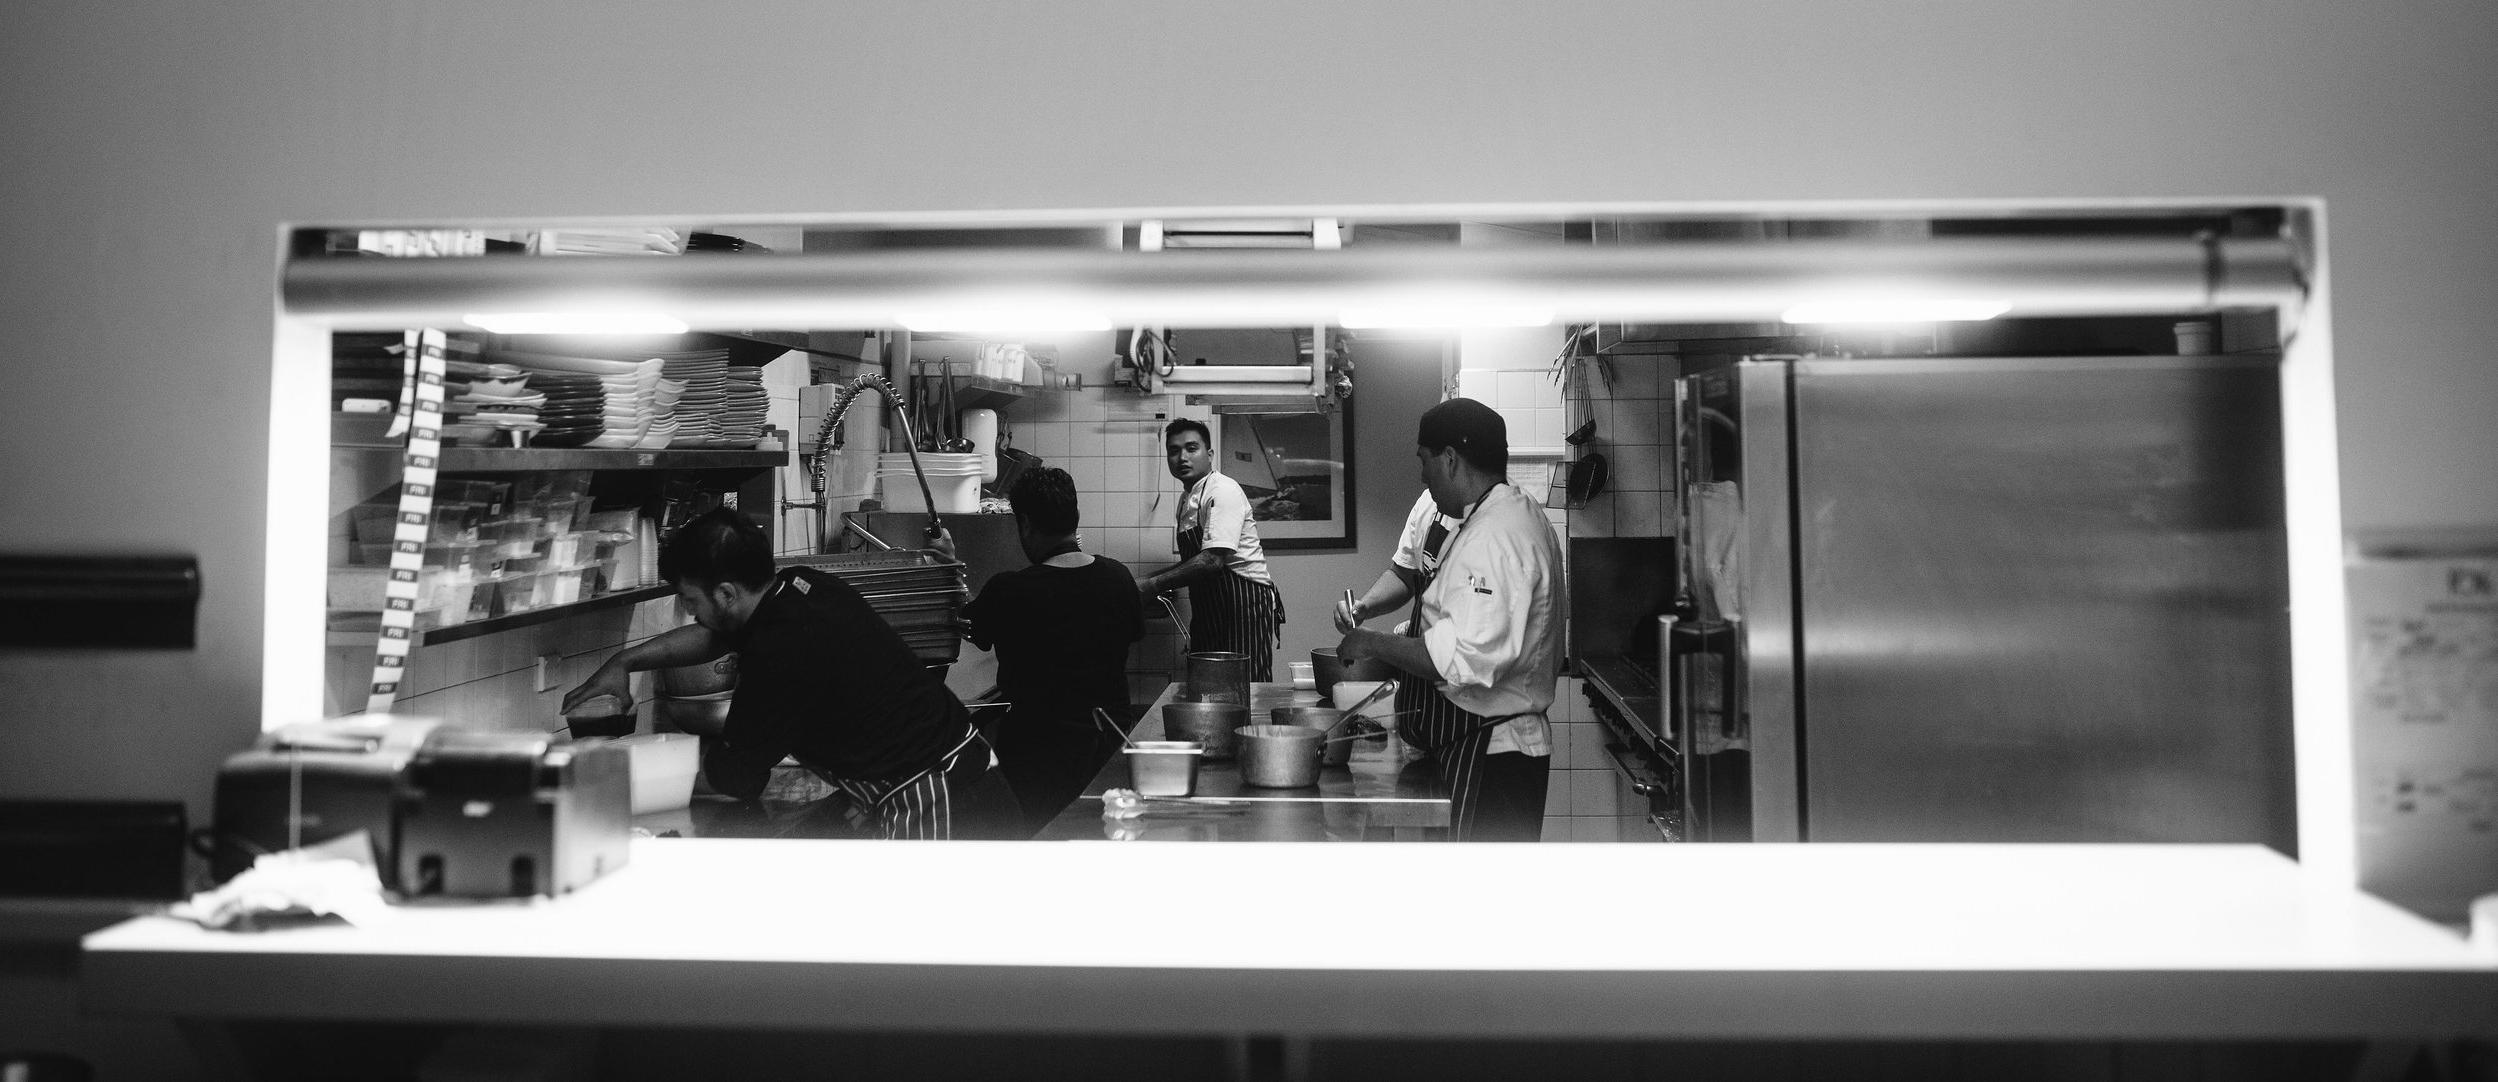 Foys_kitchen.jpg